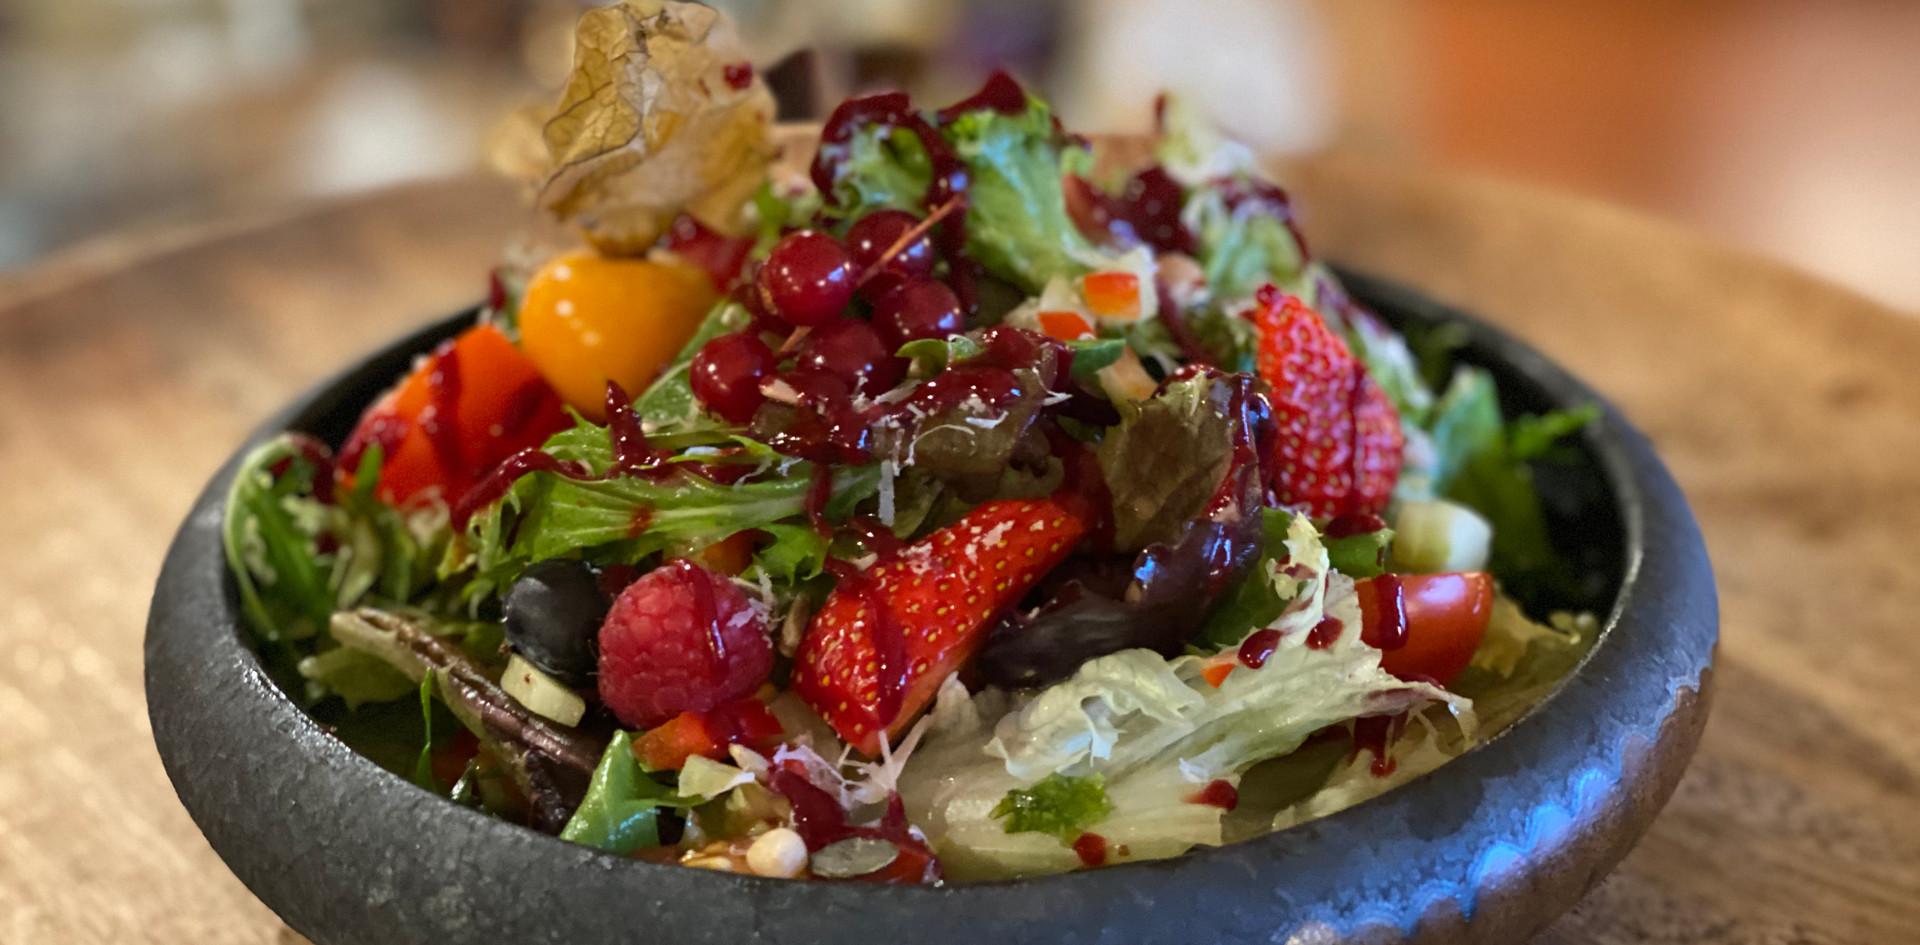 Salat Restaurant Dinner - Hotel Wegner - The culinary Art Hotel